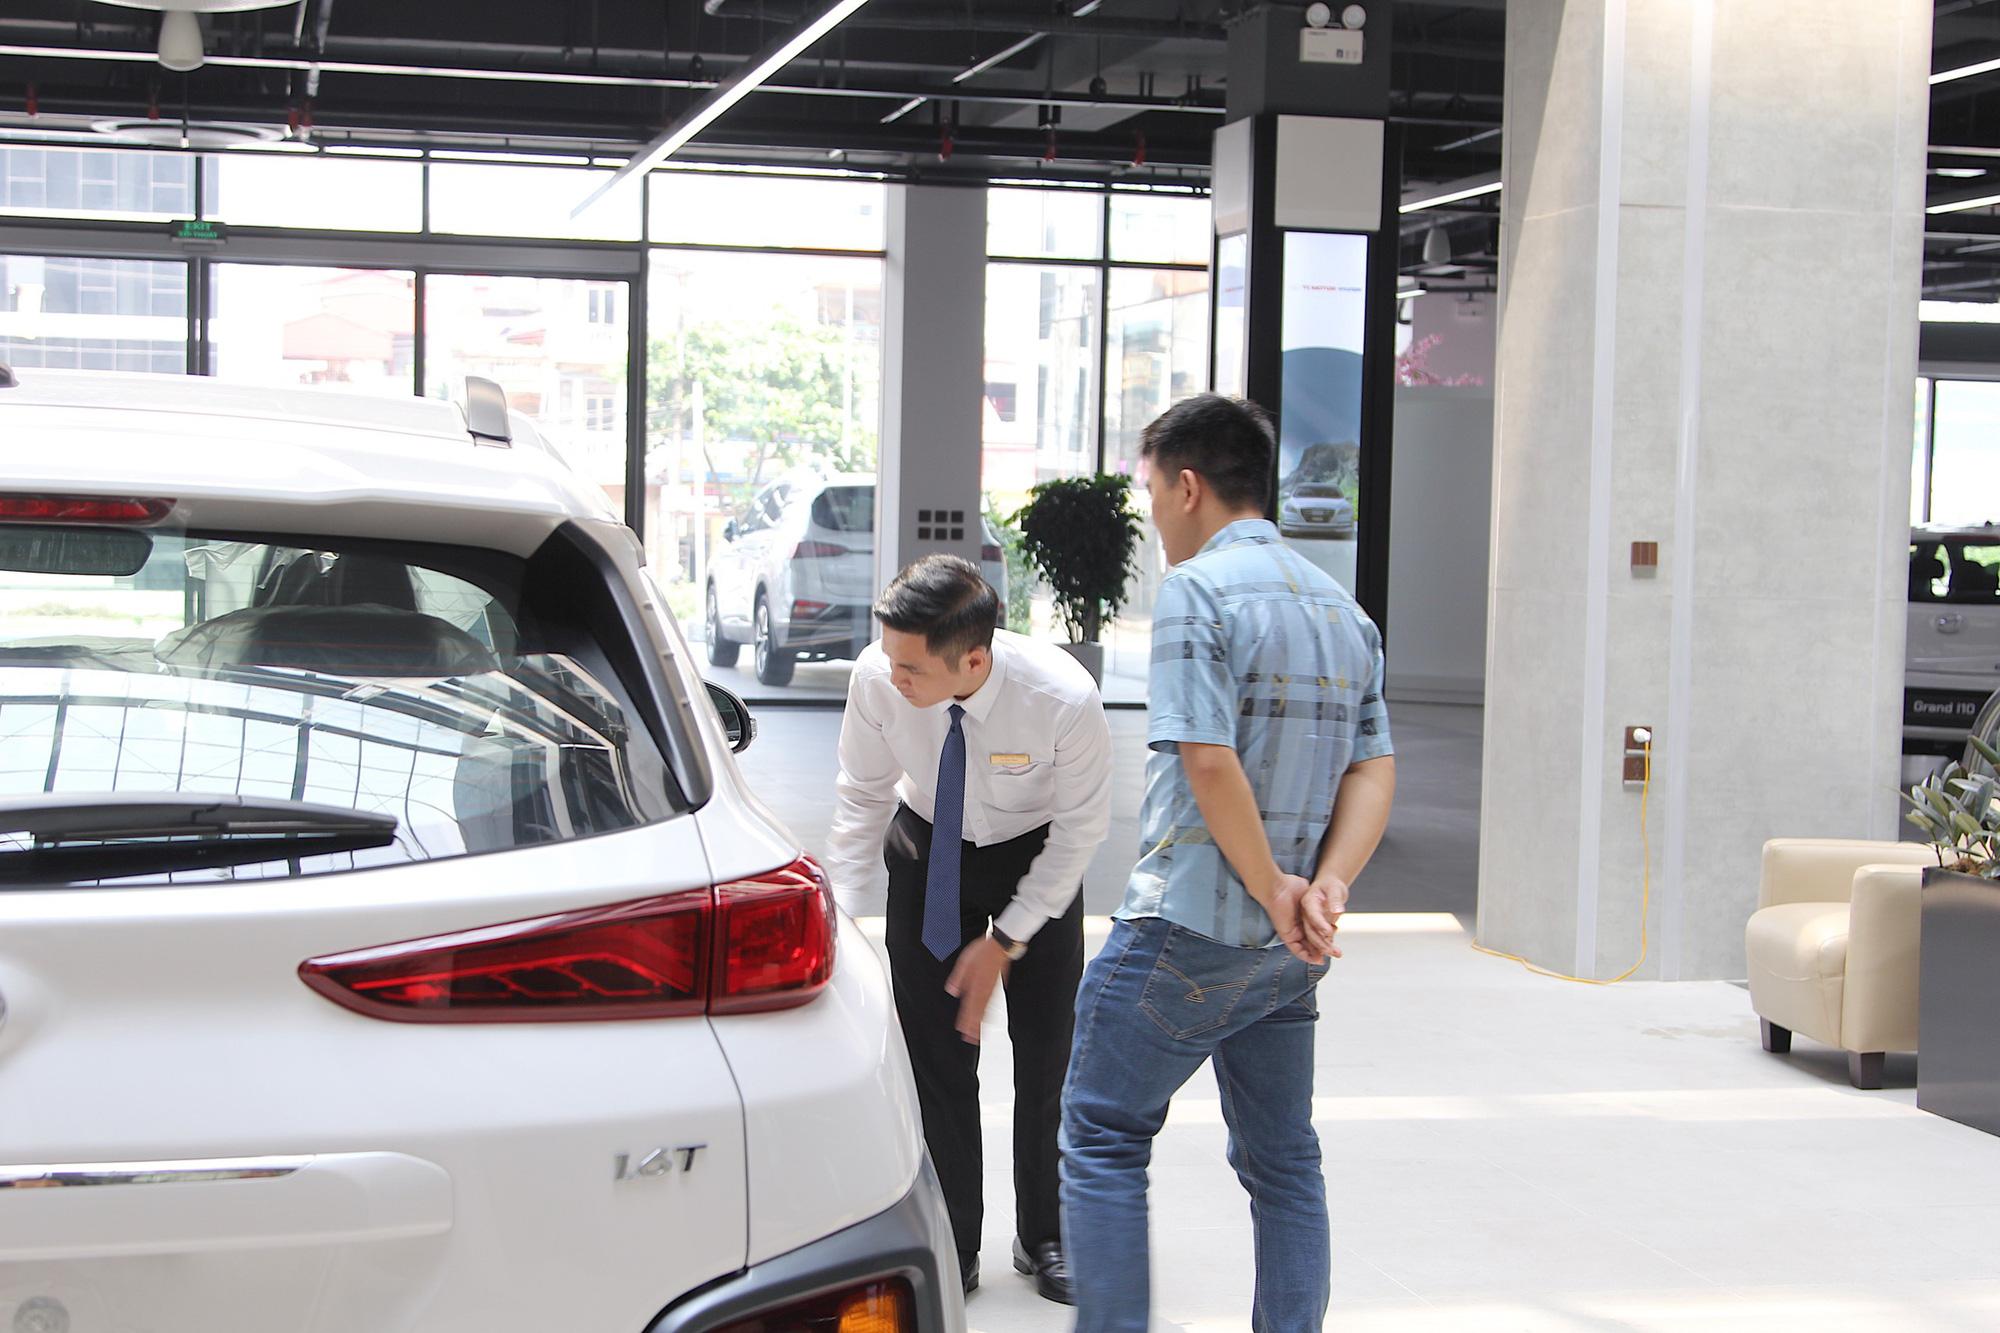 Chính phủ giảm hàng loạt thuế phí: Sắp được mua xe giá rẻ - Ảnh 1.